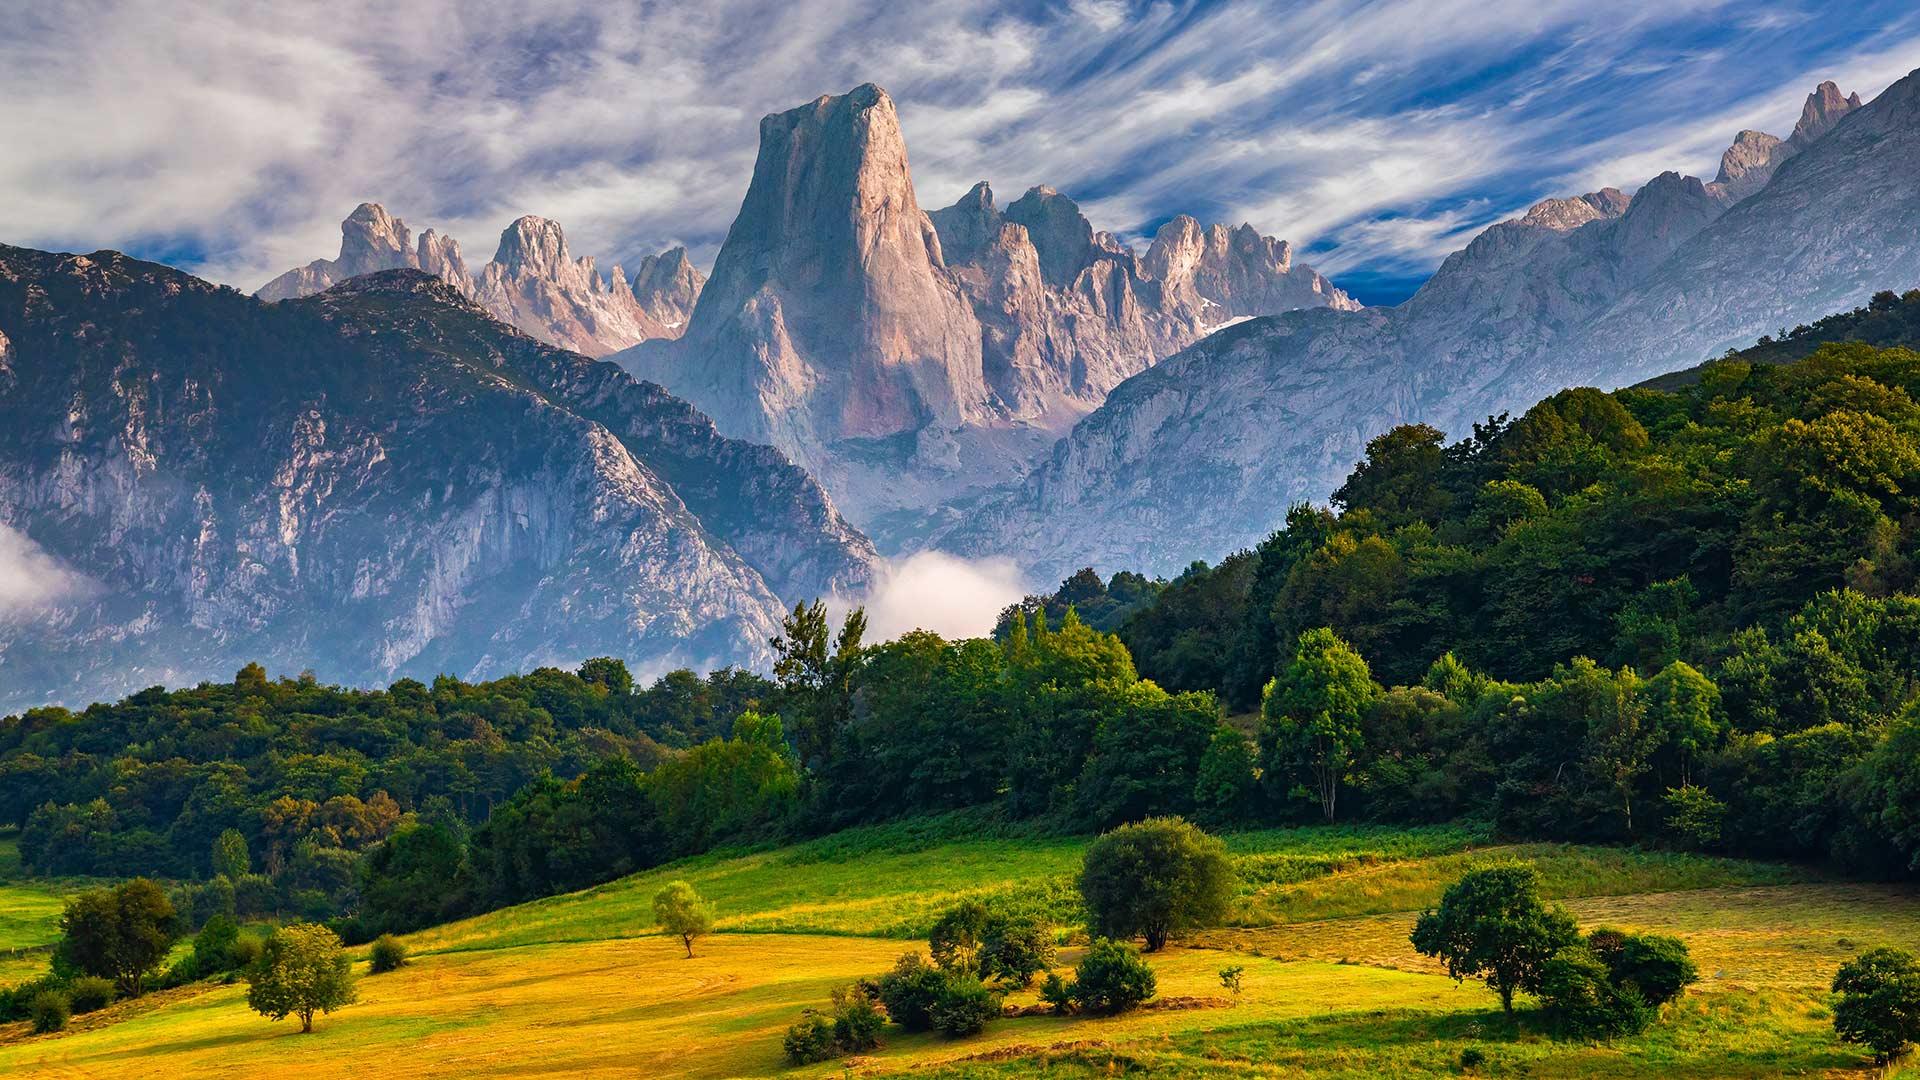 欧罗巴山国家公园中的Naranjo de Bulnes峰naranjo de bulnes峰